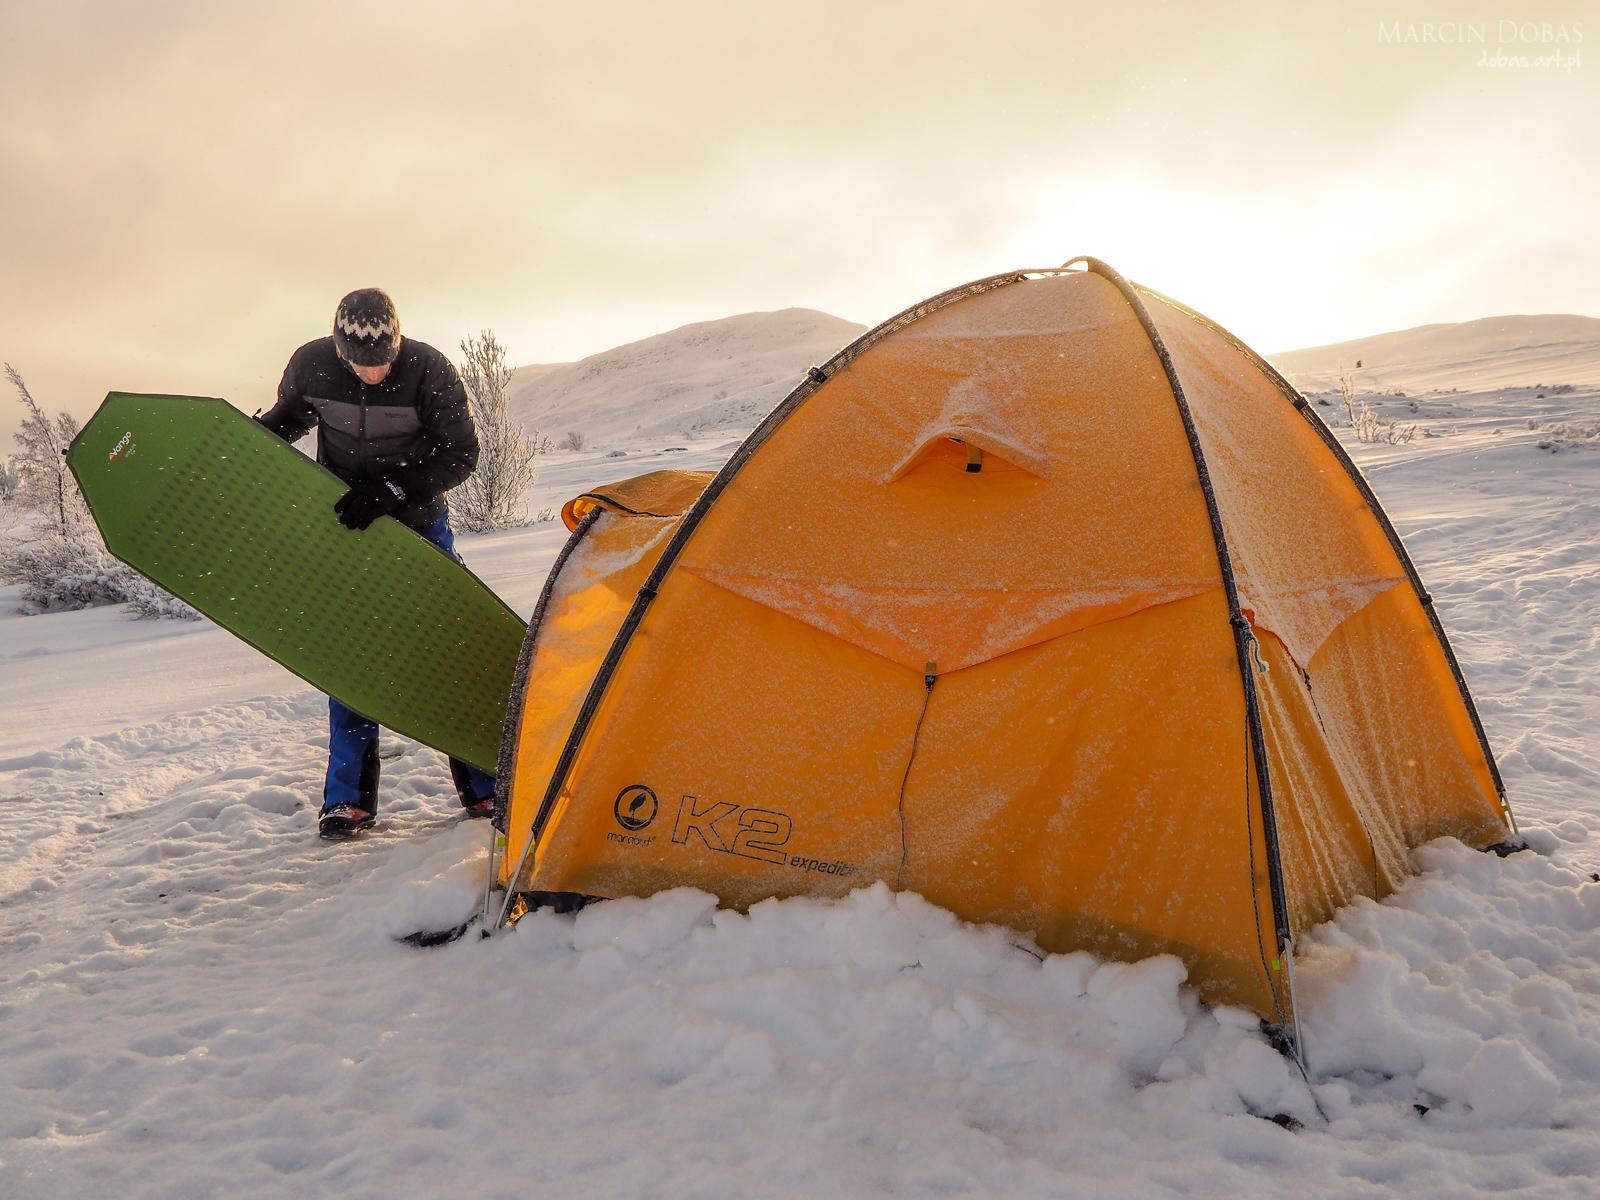 namiot Marabut K2 expedition i mata Vango Ultralite